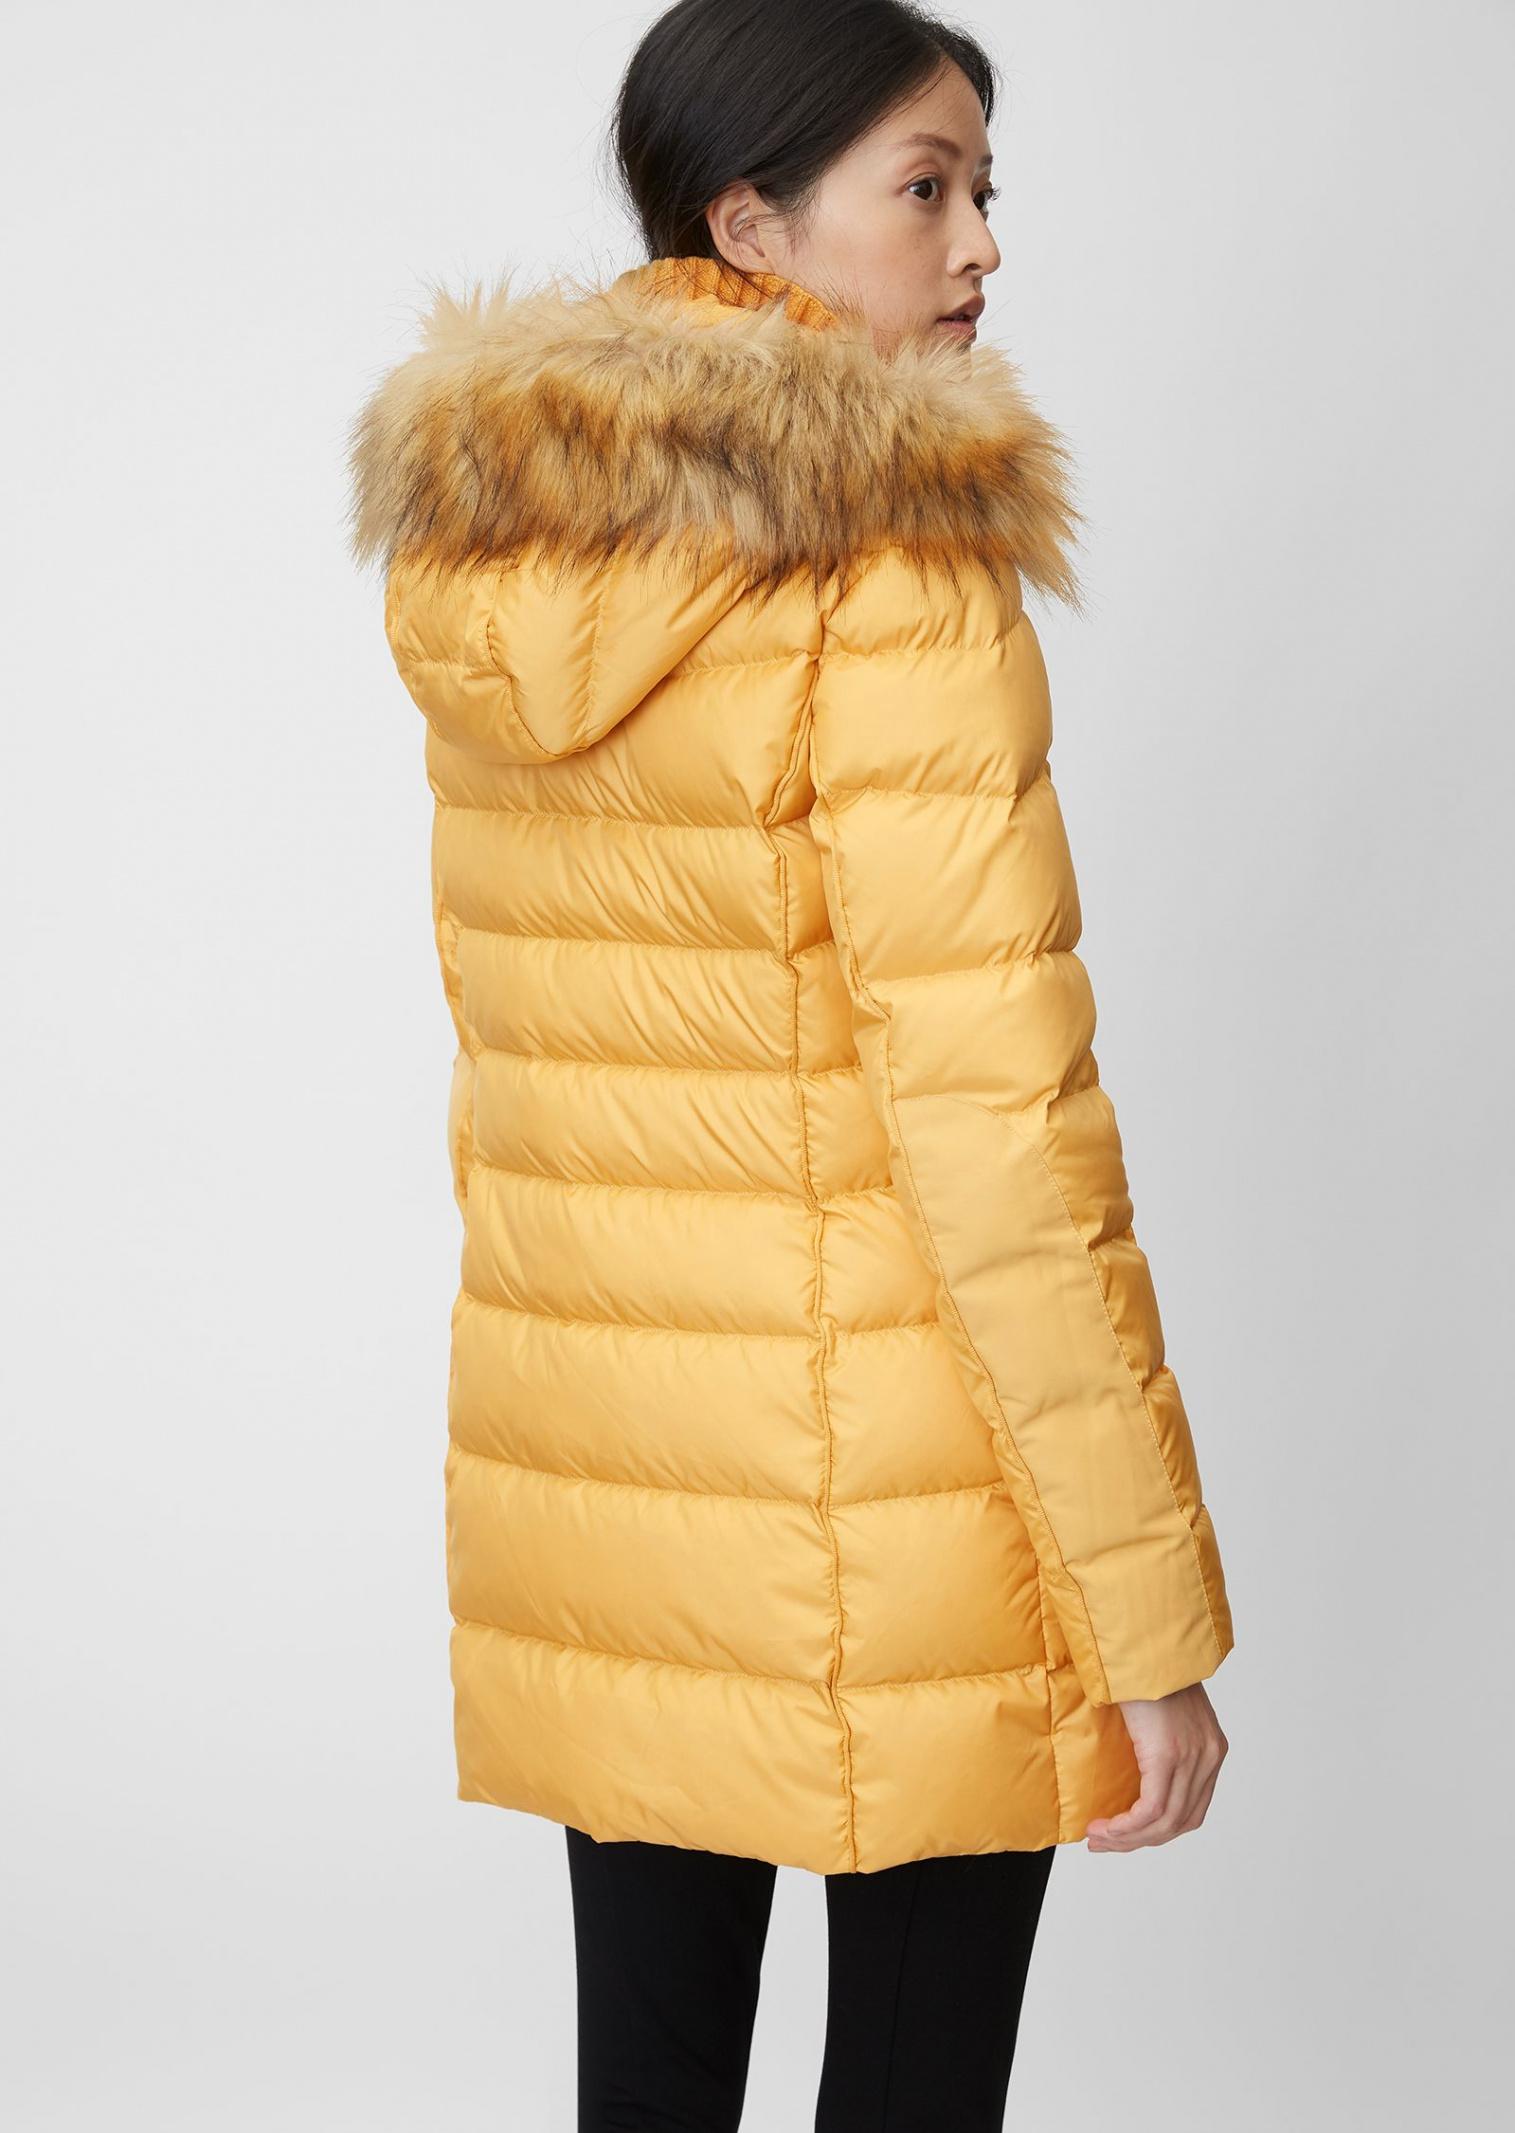 Пальто женские MARC O'POLO модель PD667 качество, 2017